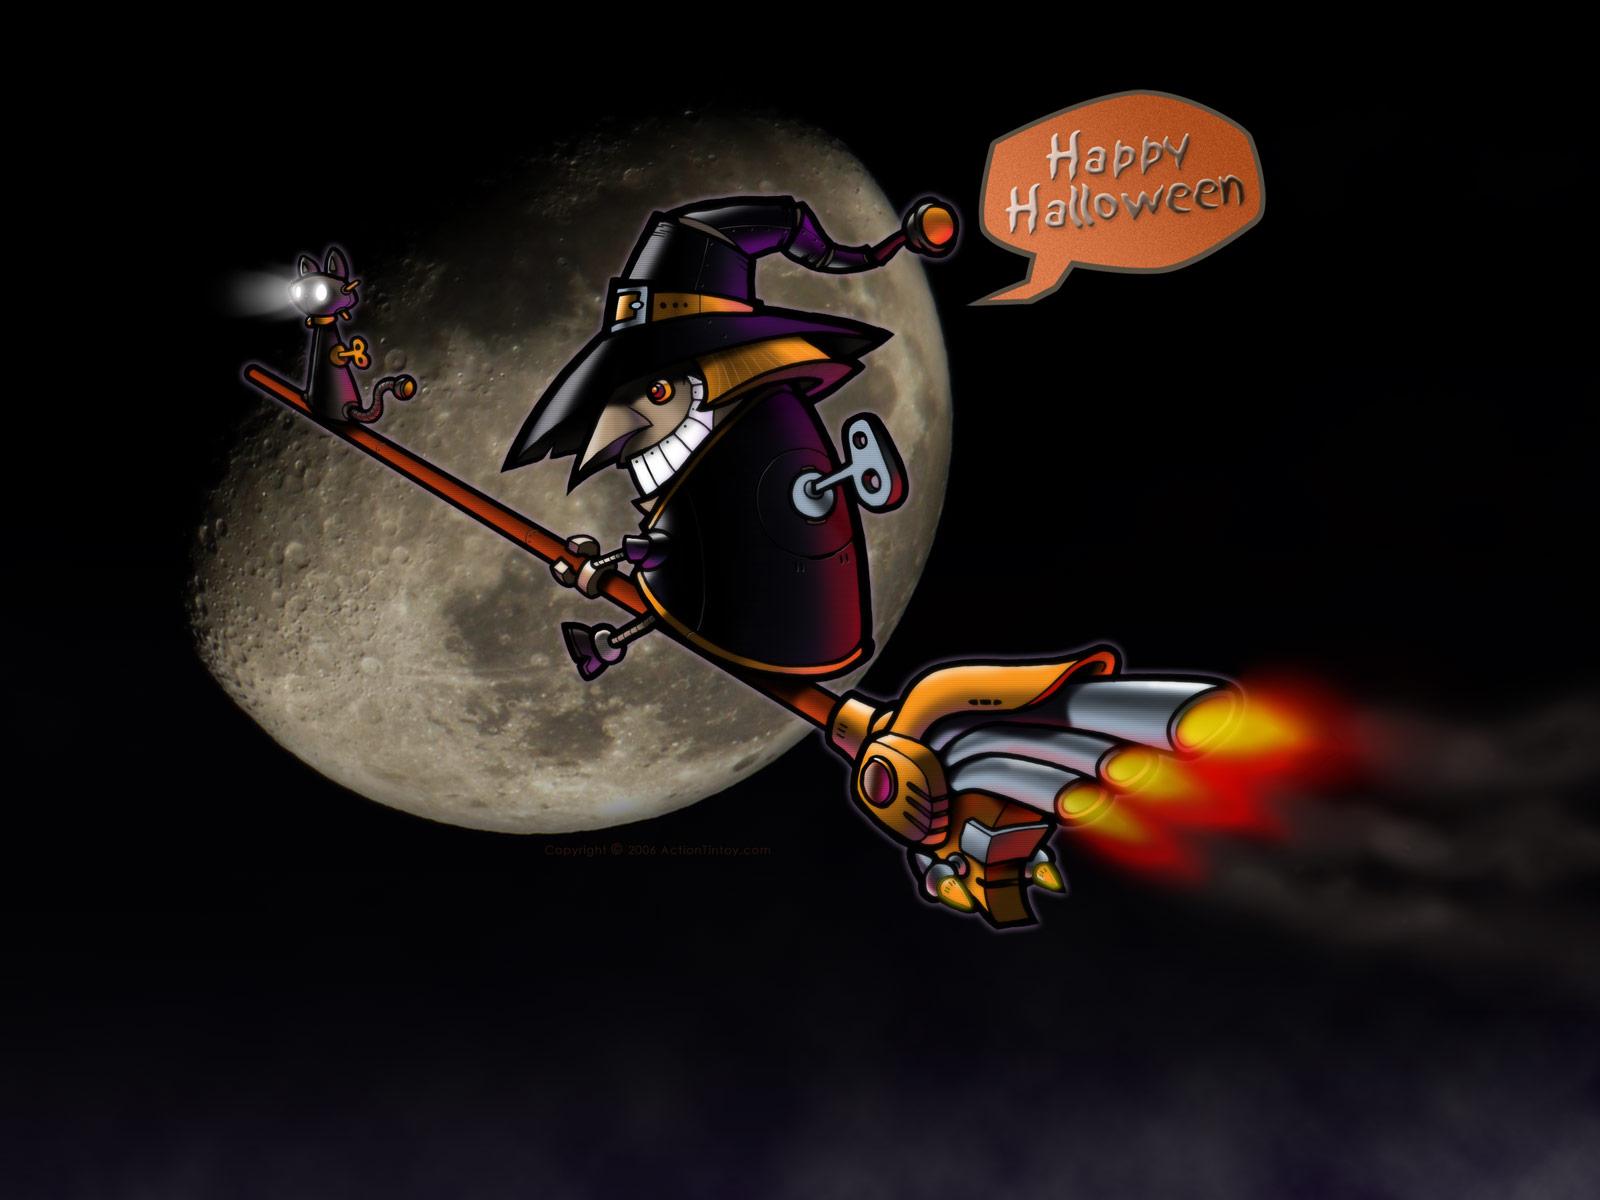 http://1.bp.blogspot.com/-u9xyOD_eAmM/TqODRymBuAI/AAAAAAAACf0/UJDLuTMK9CY/s1600/Happy+Halloween+%252814%2529.jpg